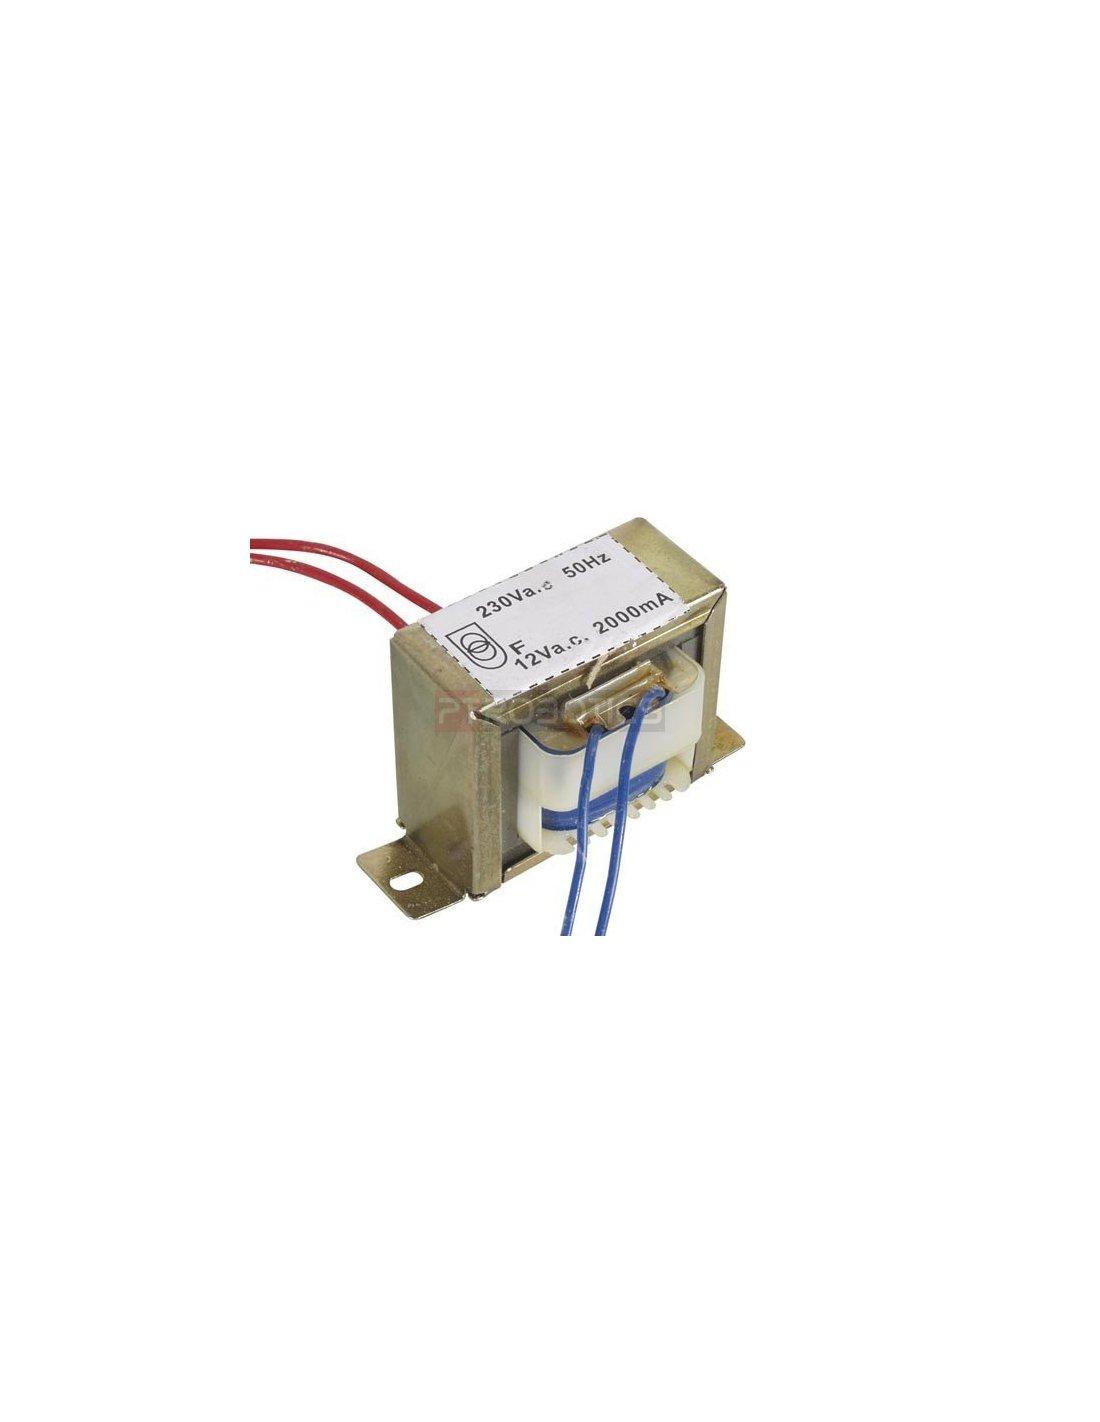 Transformer 230v 24va 1x12v for Transformadores de corriente 220v a 12v